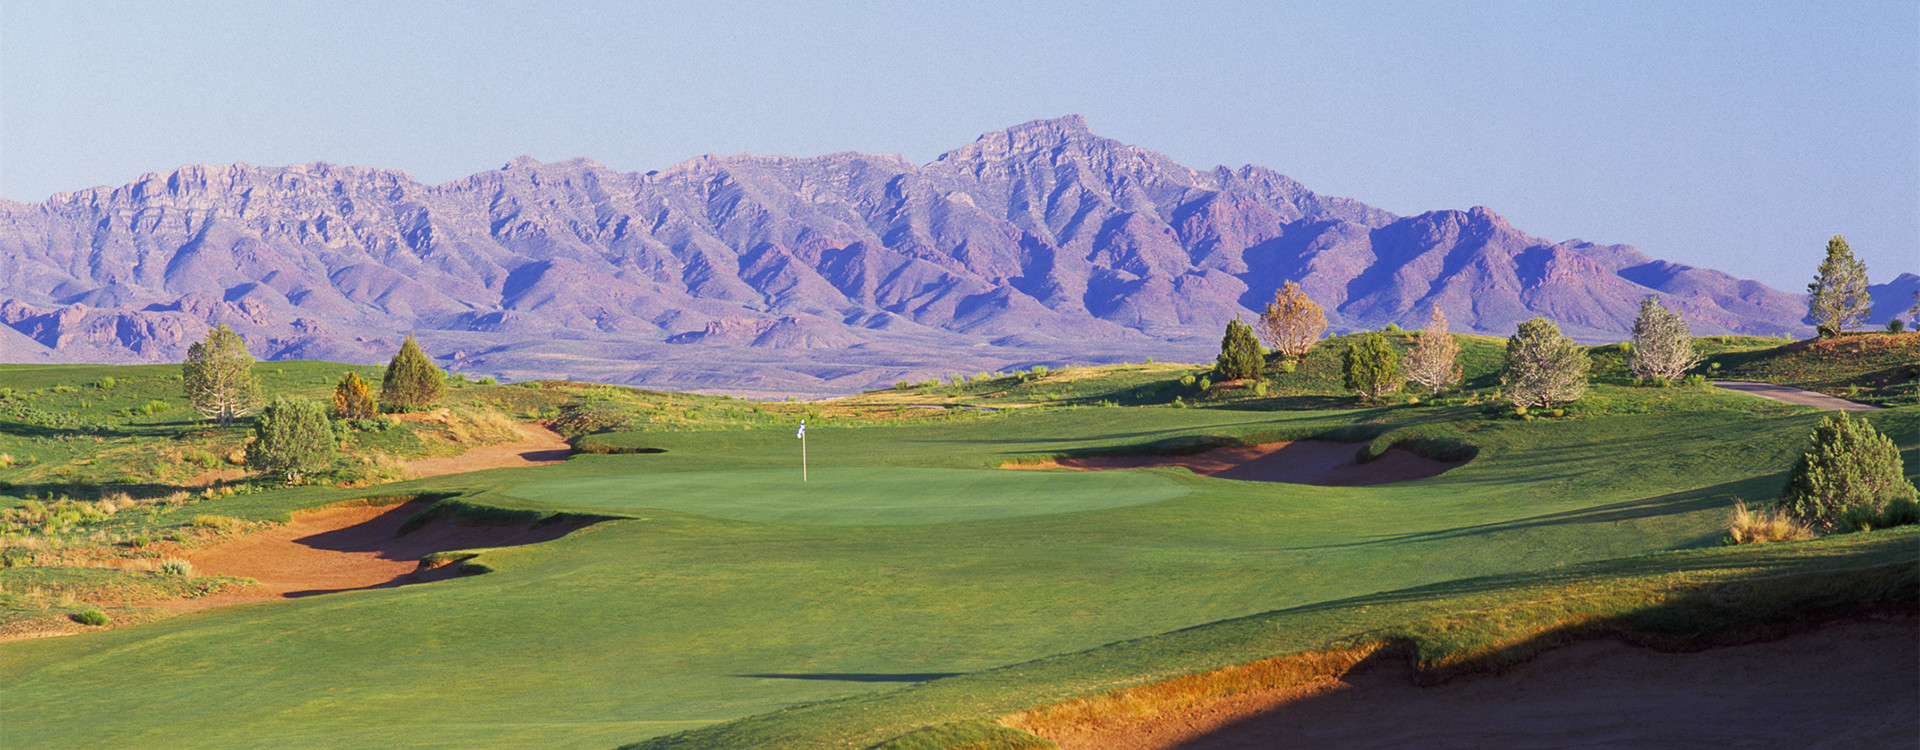 El Paso Golf New Mexico Golf.